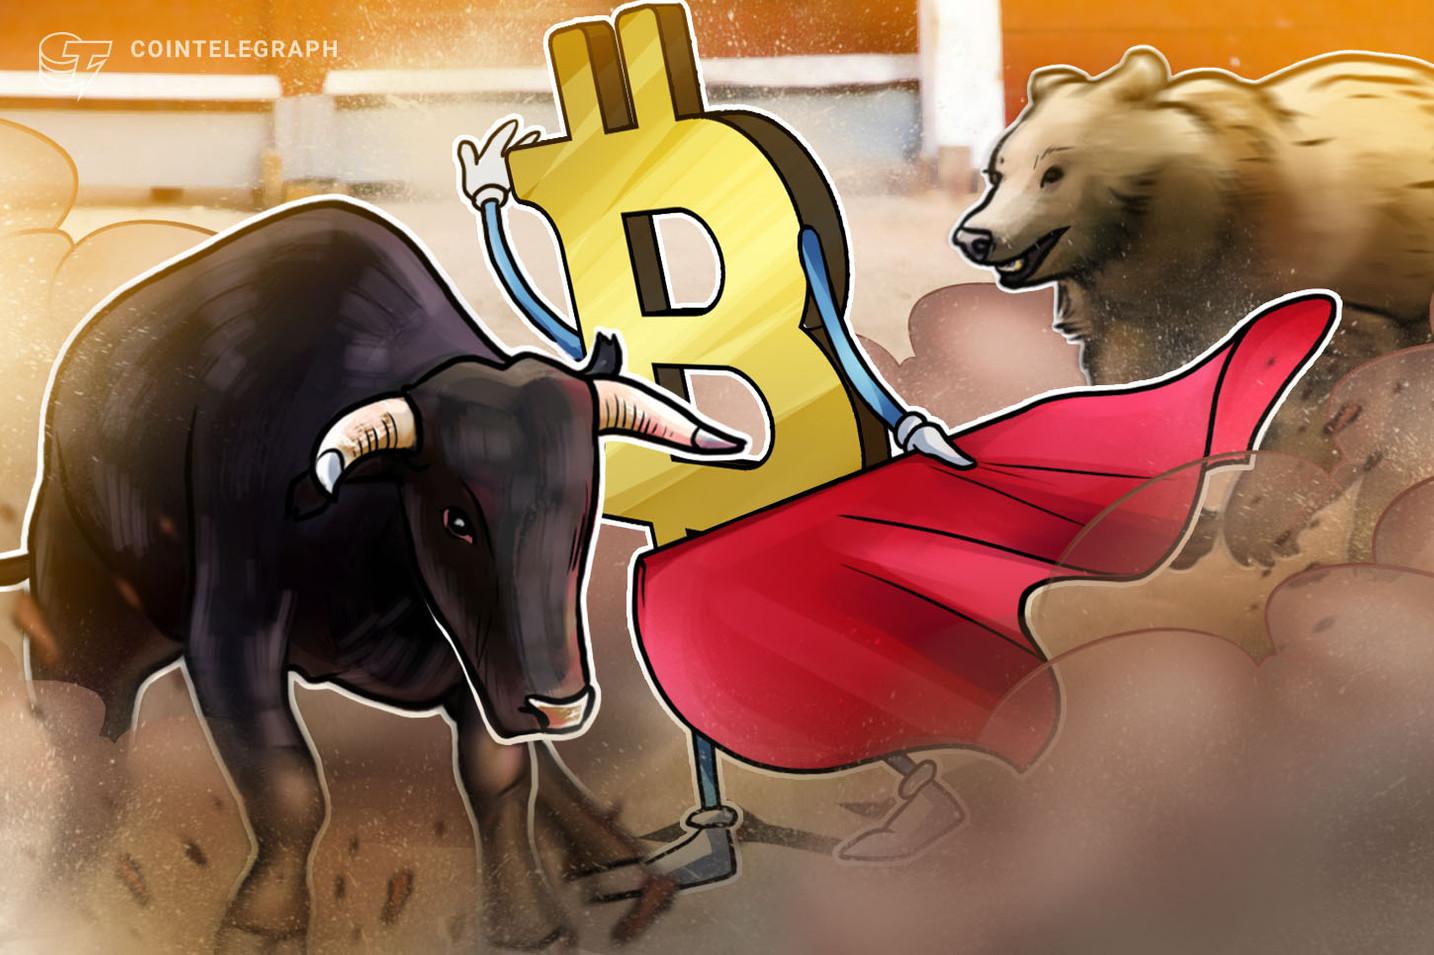 Boğa ve ayılar savaşta: Bitcoin fiyatı 34.000 doları aşacak mı?